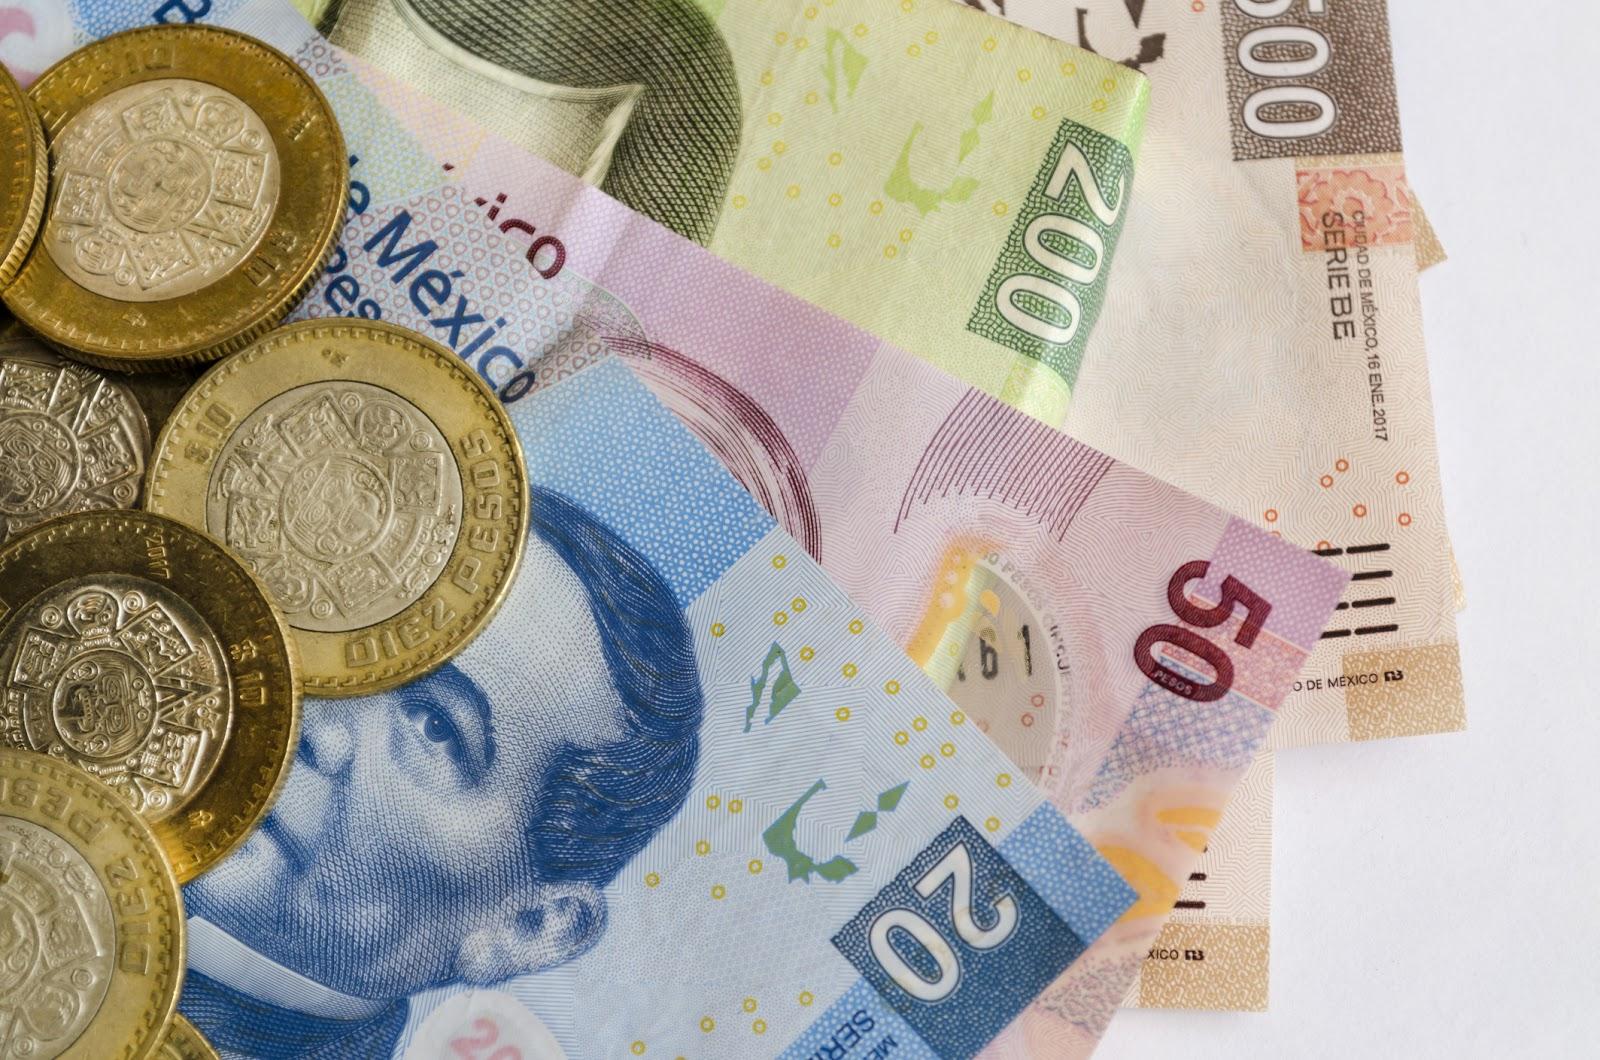 Billetes y monedas en proceso de retiro